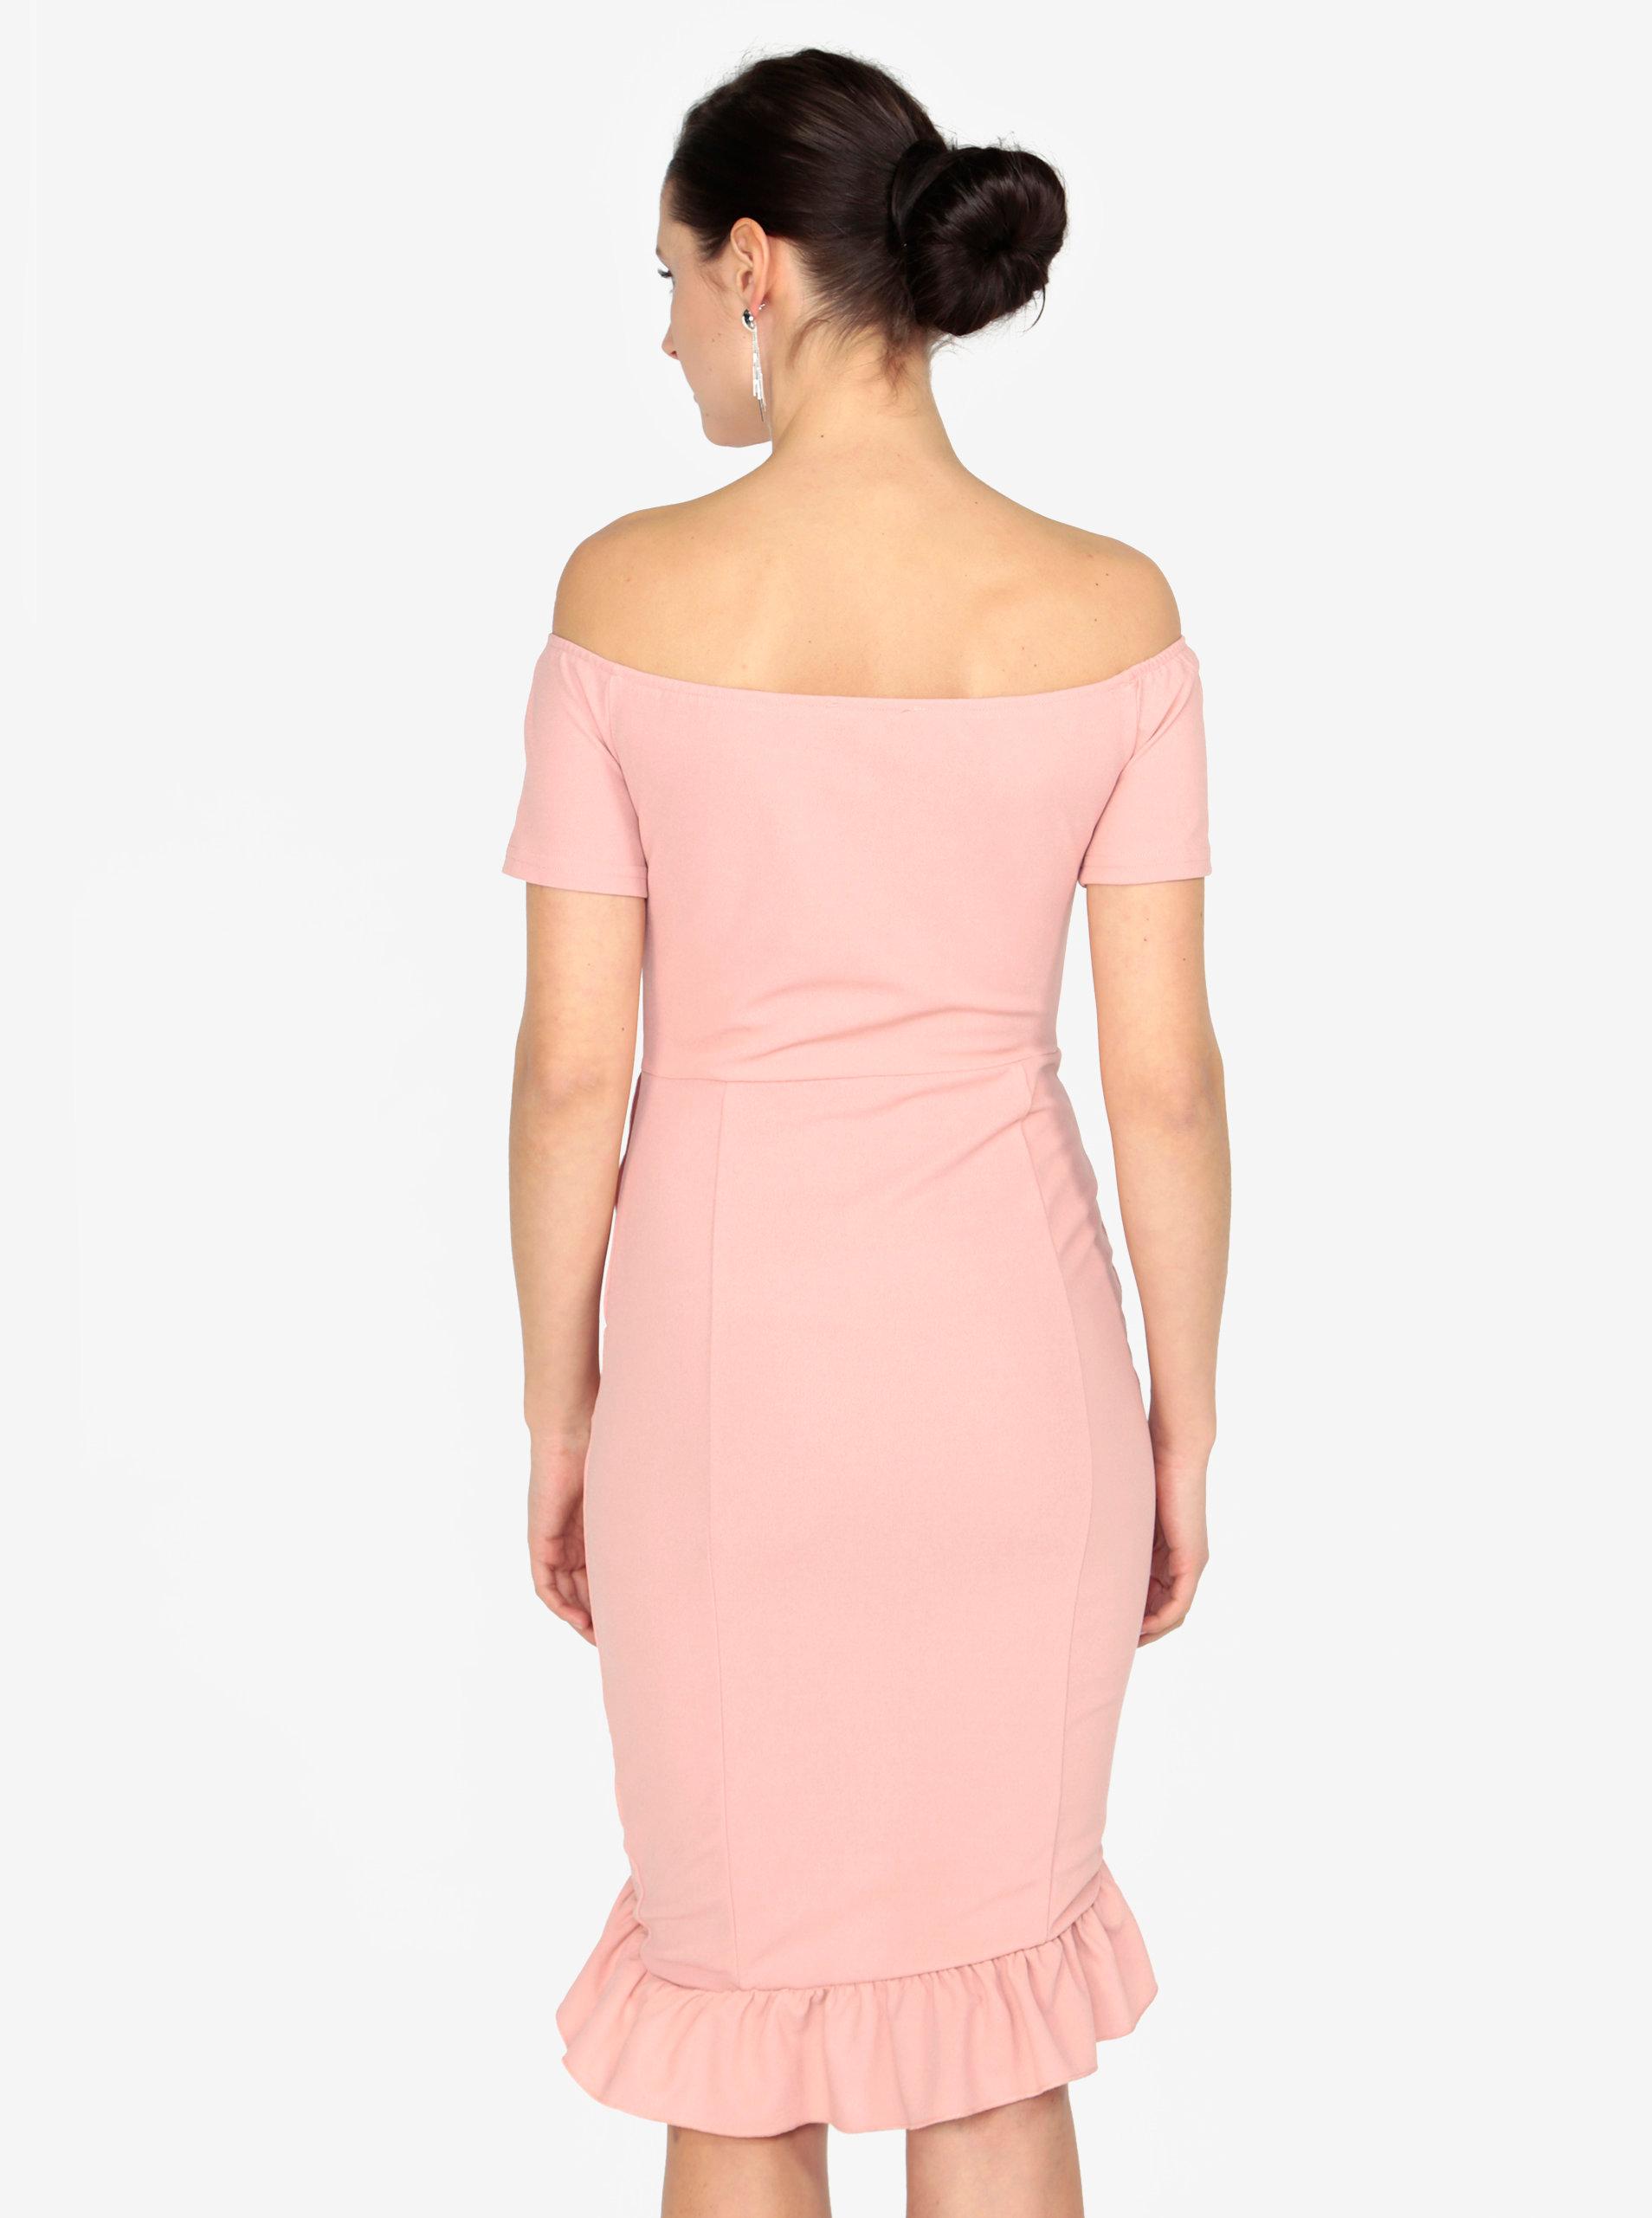 905bcdd979b4 Staroružové šaty s odhalenými ramenami AX Paris ...